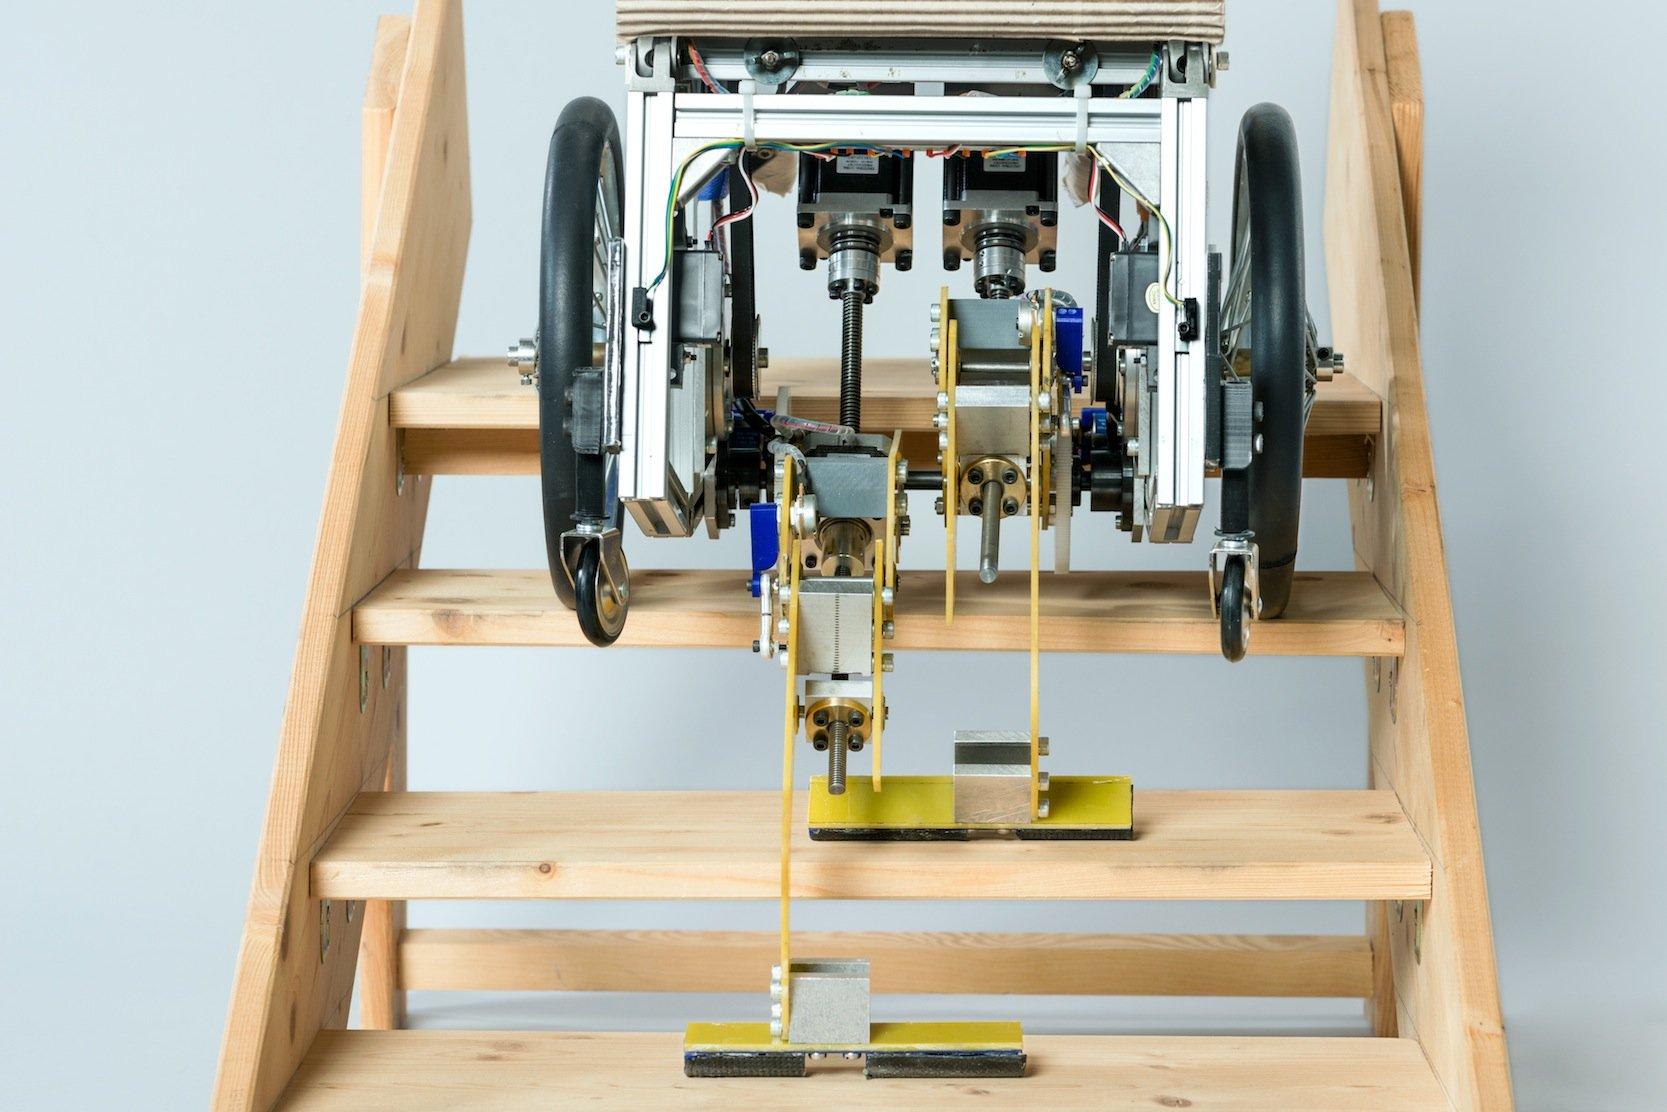 Auf einer Treppe kann der Rollstuhl der TU München Füße ausfahren, die den Rollstuhl stabil halten und langsam eine Treppe rauf- und runtergehen können.